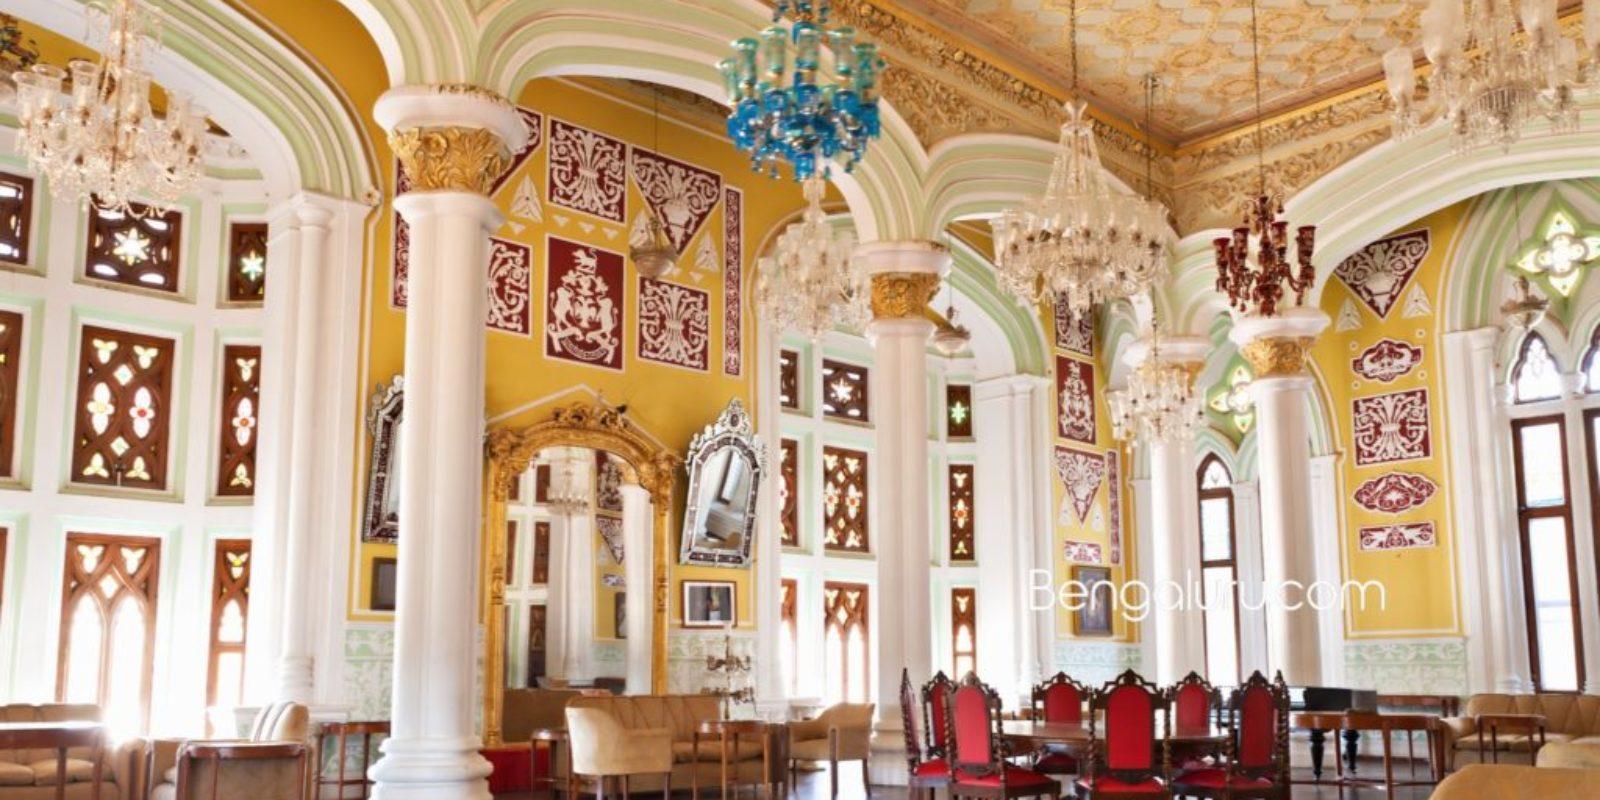 The splendor of Bengaluru Palace